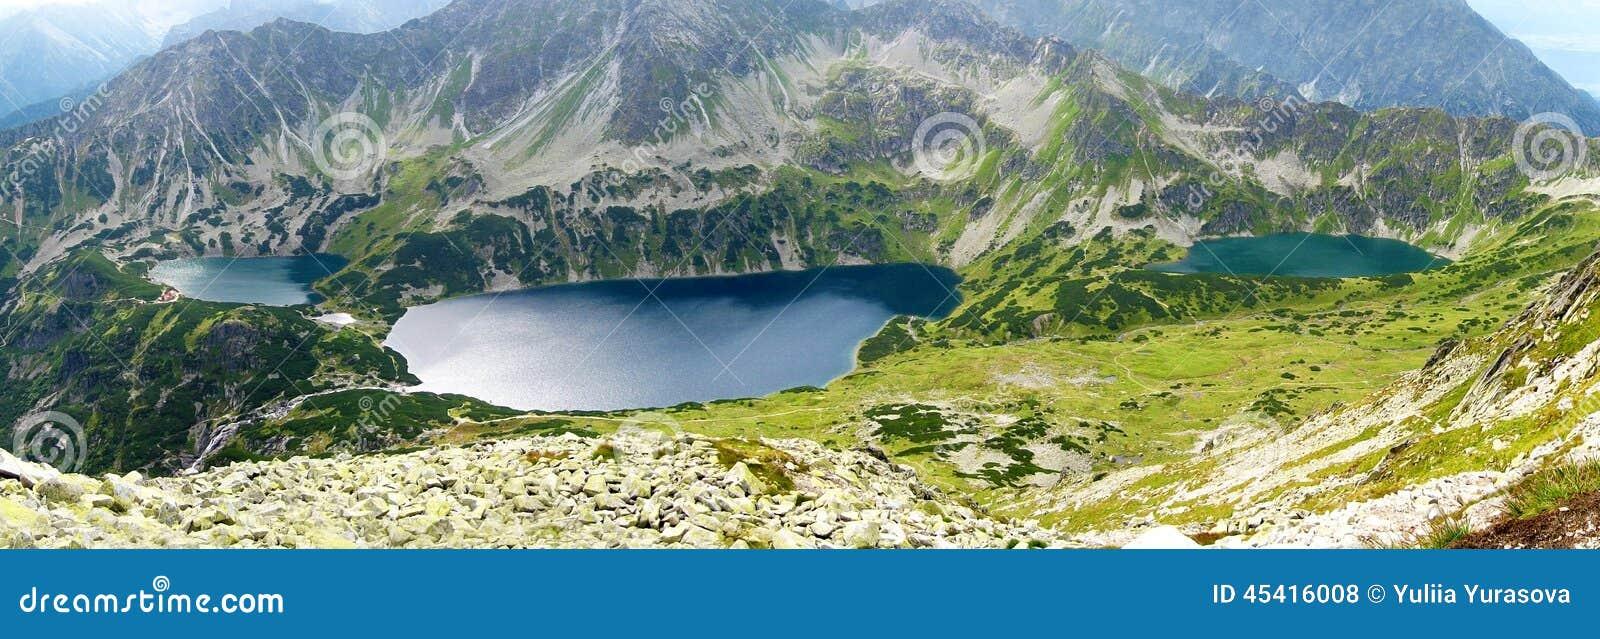 Tatrabergen in Polen, groene heuvel, meer en rotsachtige piek in de zonnige dag met duidelijke blauwe hemel